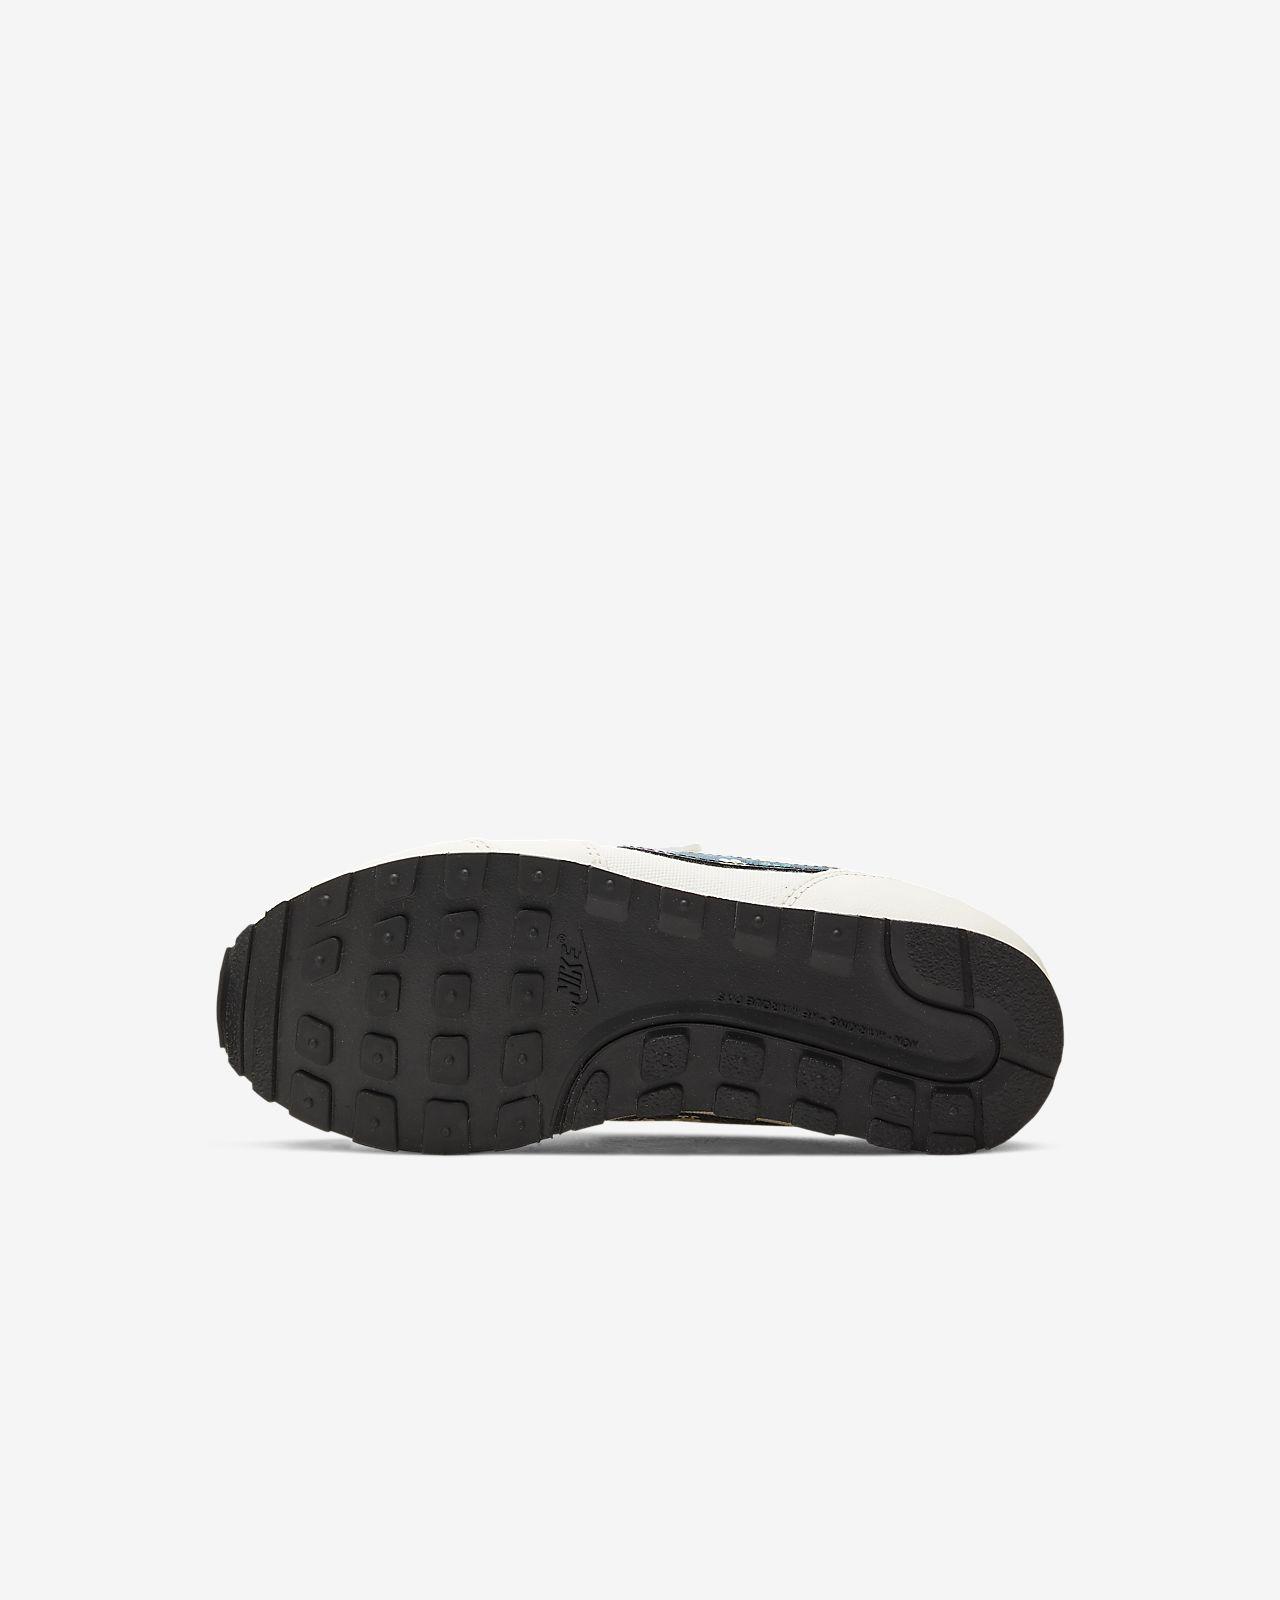 b5c8a1c2 Nike MD Runner 2 Vintage Floral-sko til små børn. Nike.com DK